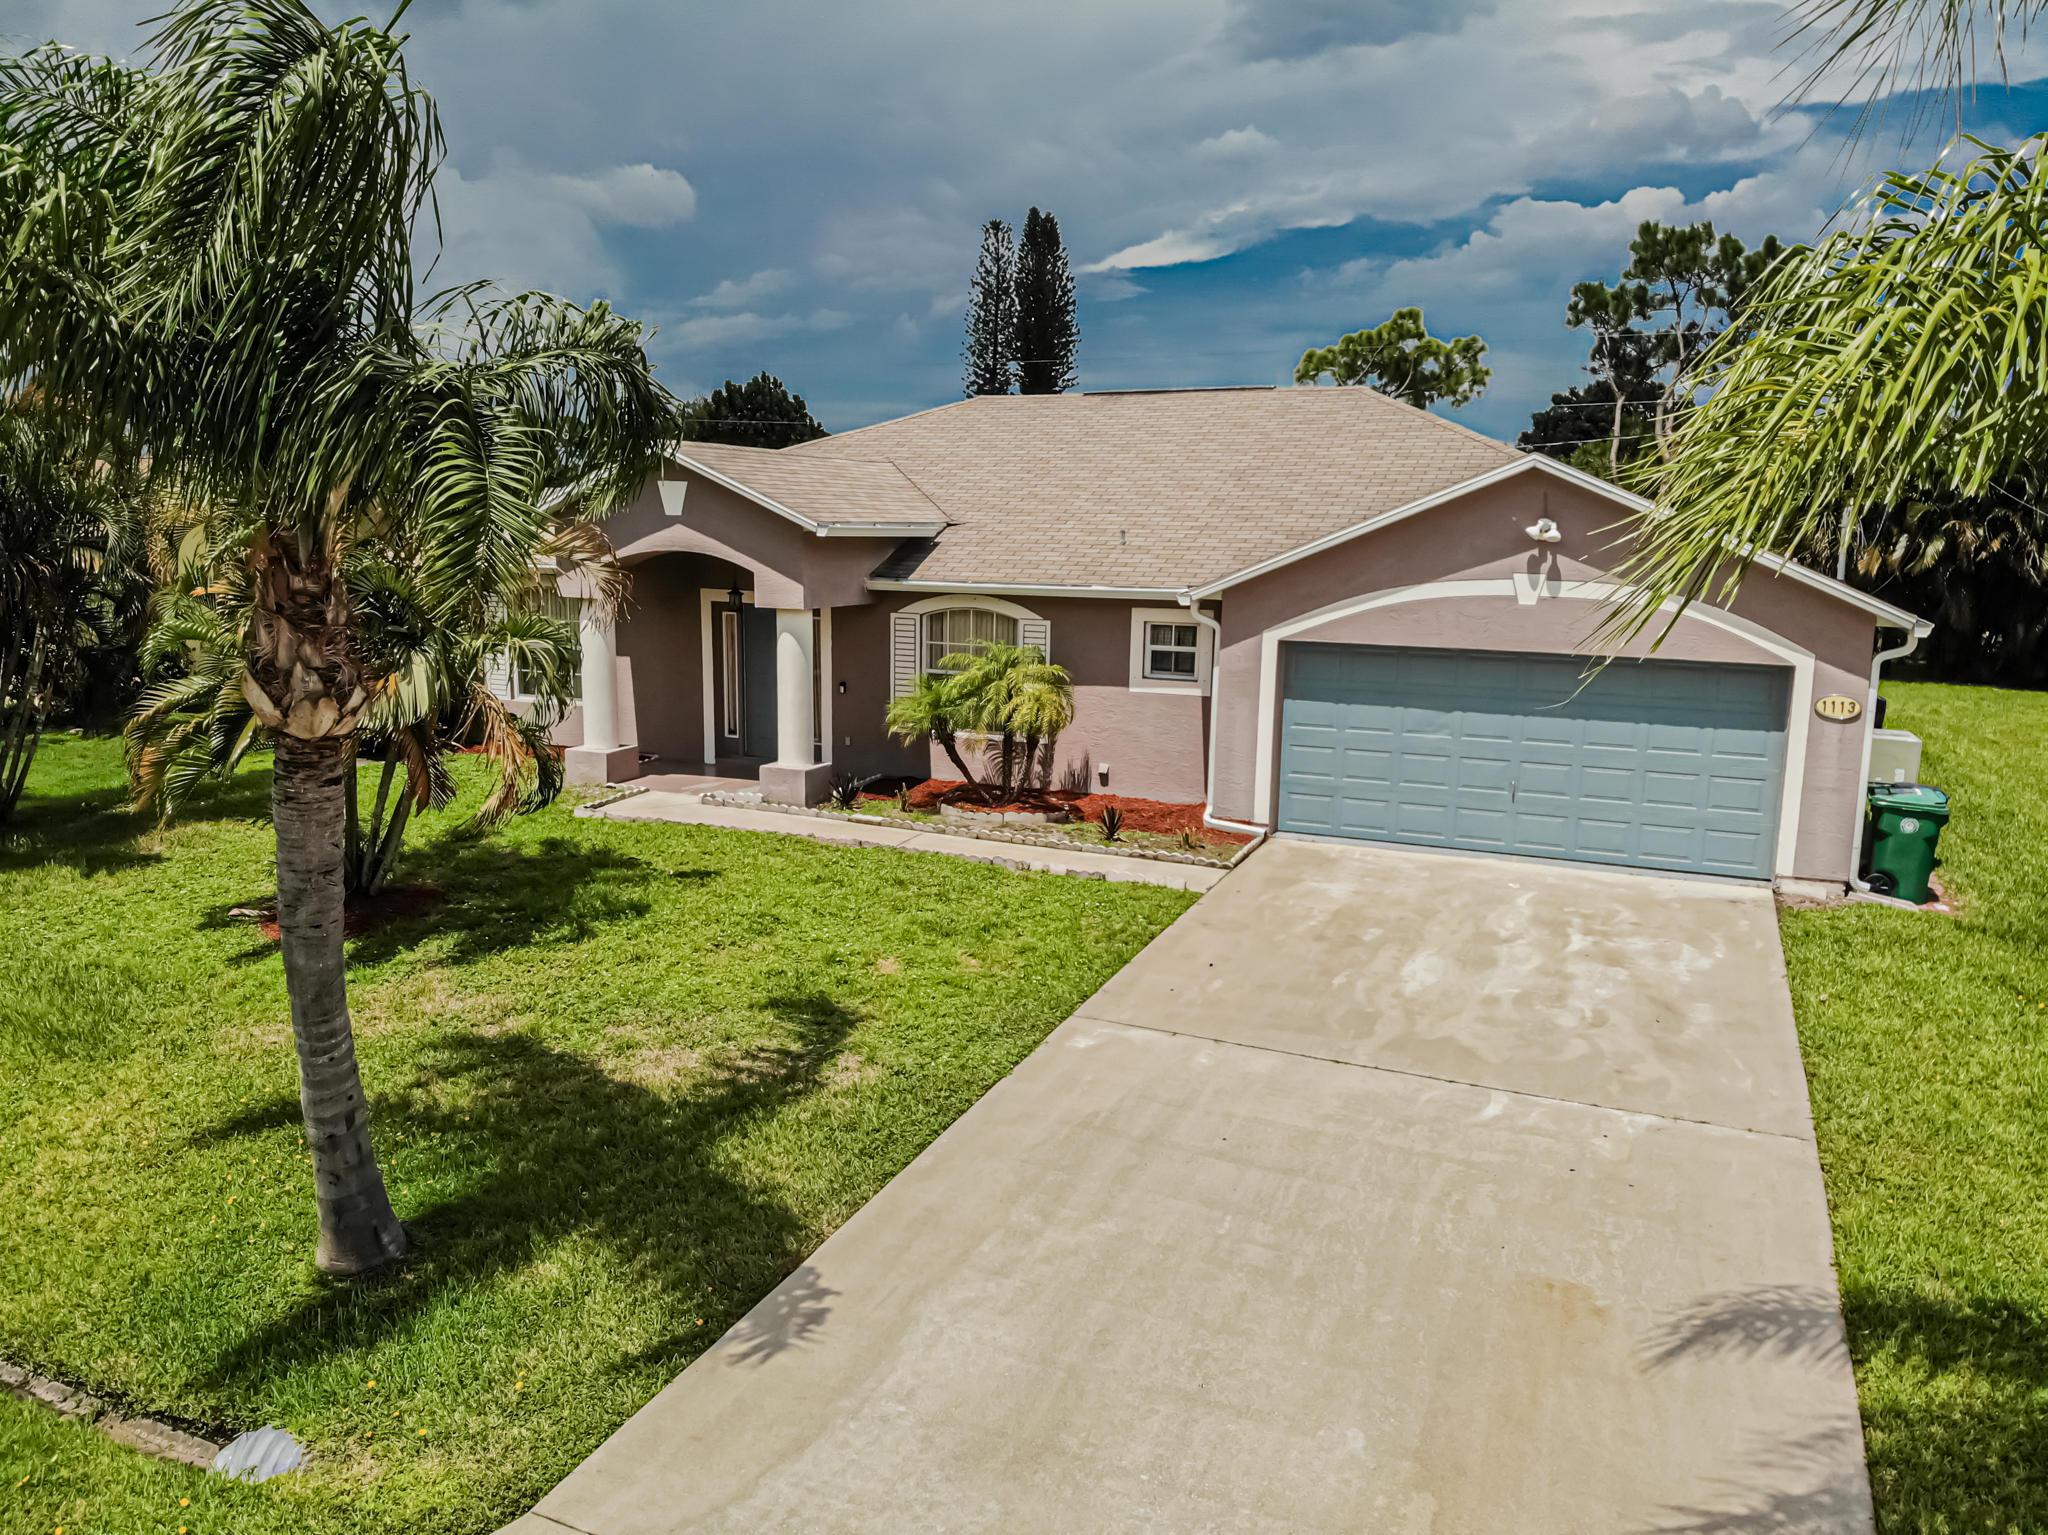 1113 Se Sabina Lane, Port Saint Lucie, FL 34983